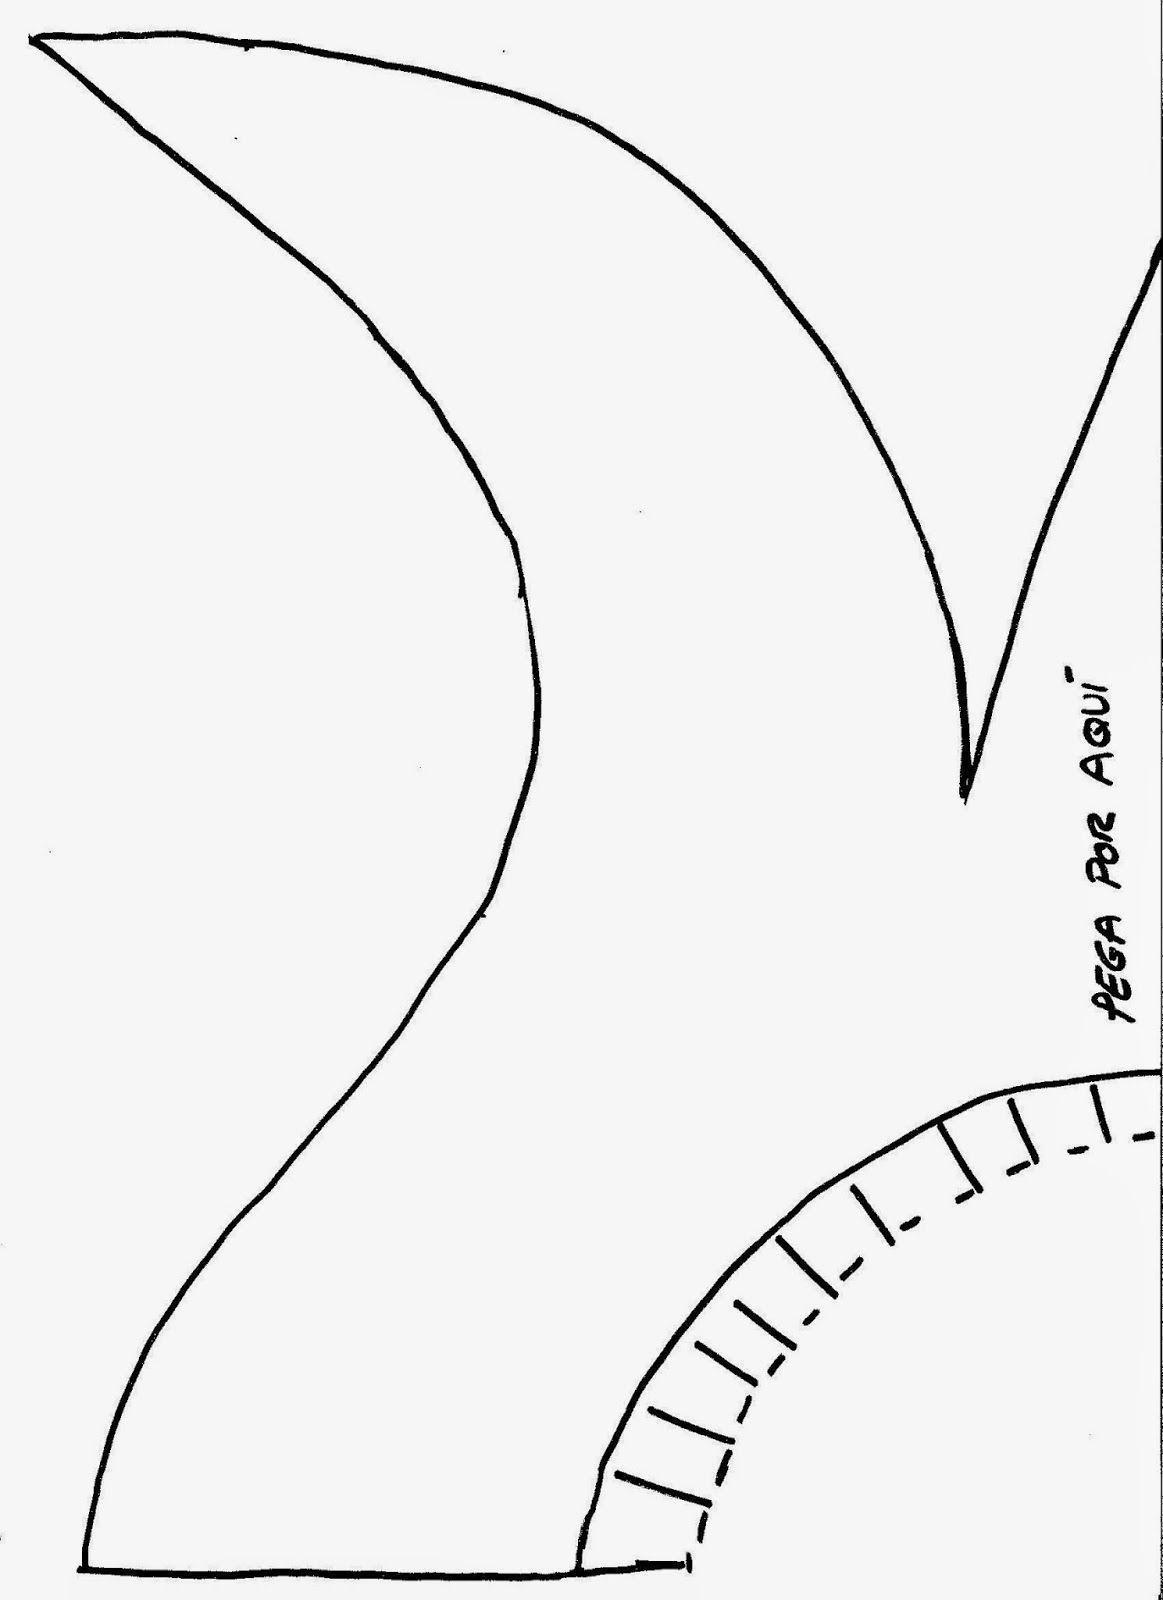 Disfraz de Maléfica completo con tutorial - Patrones gratis